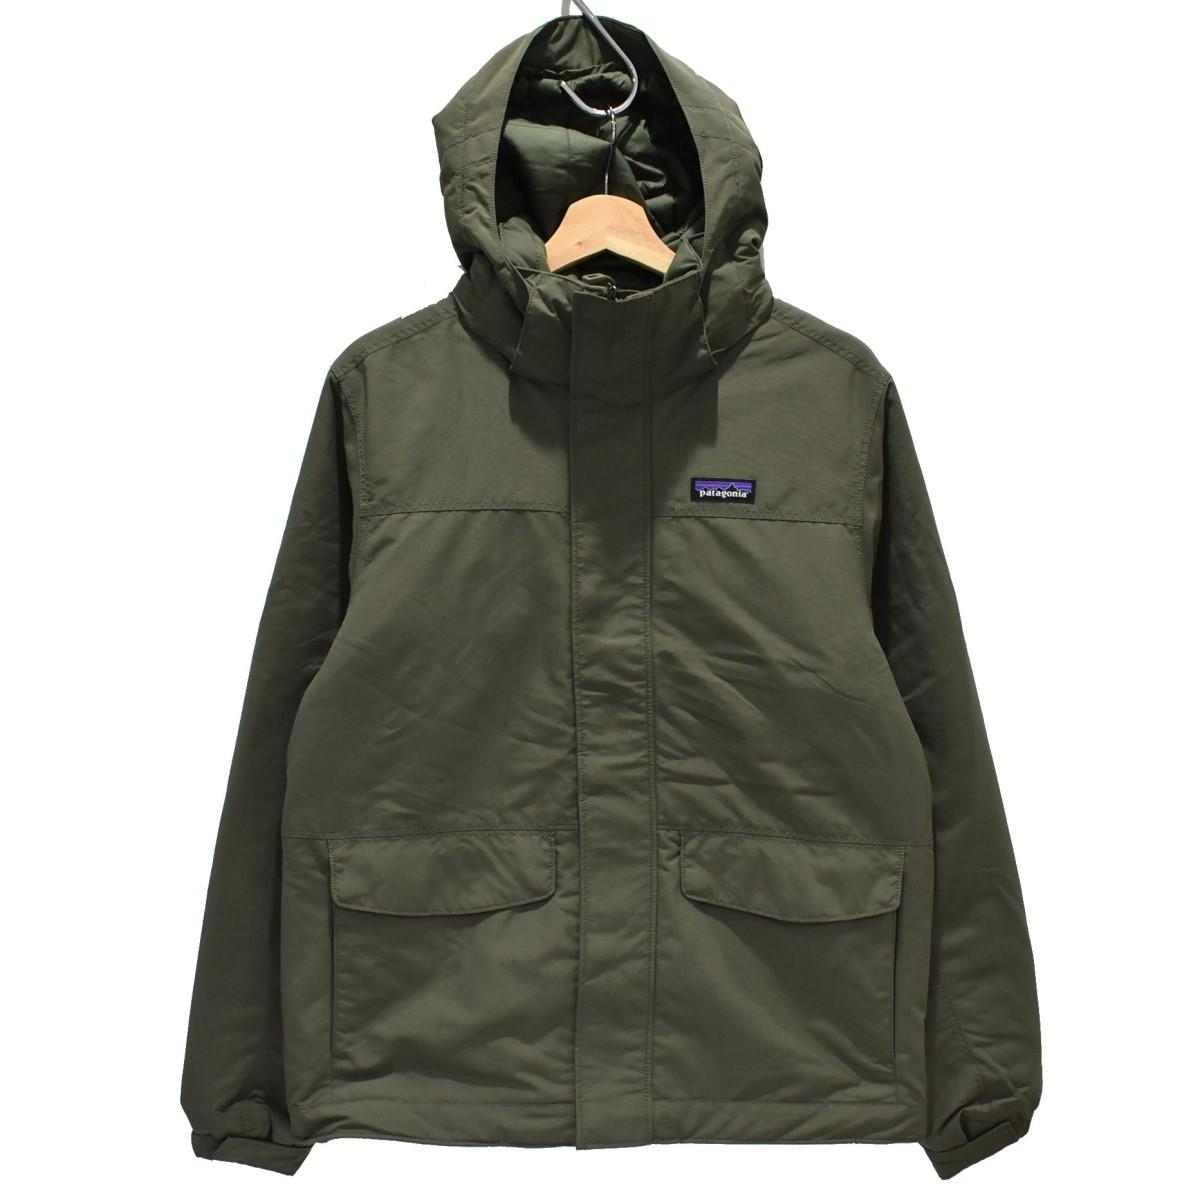 【中古】patagonia 19AW Isthmus Jacket イスマスジャケット オリーブ サイズ:S 【180420】(パタゴニア)